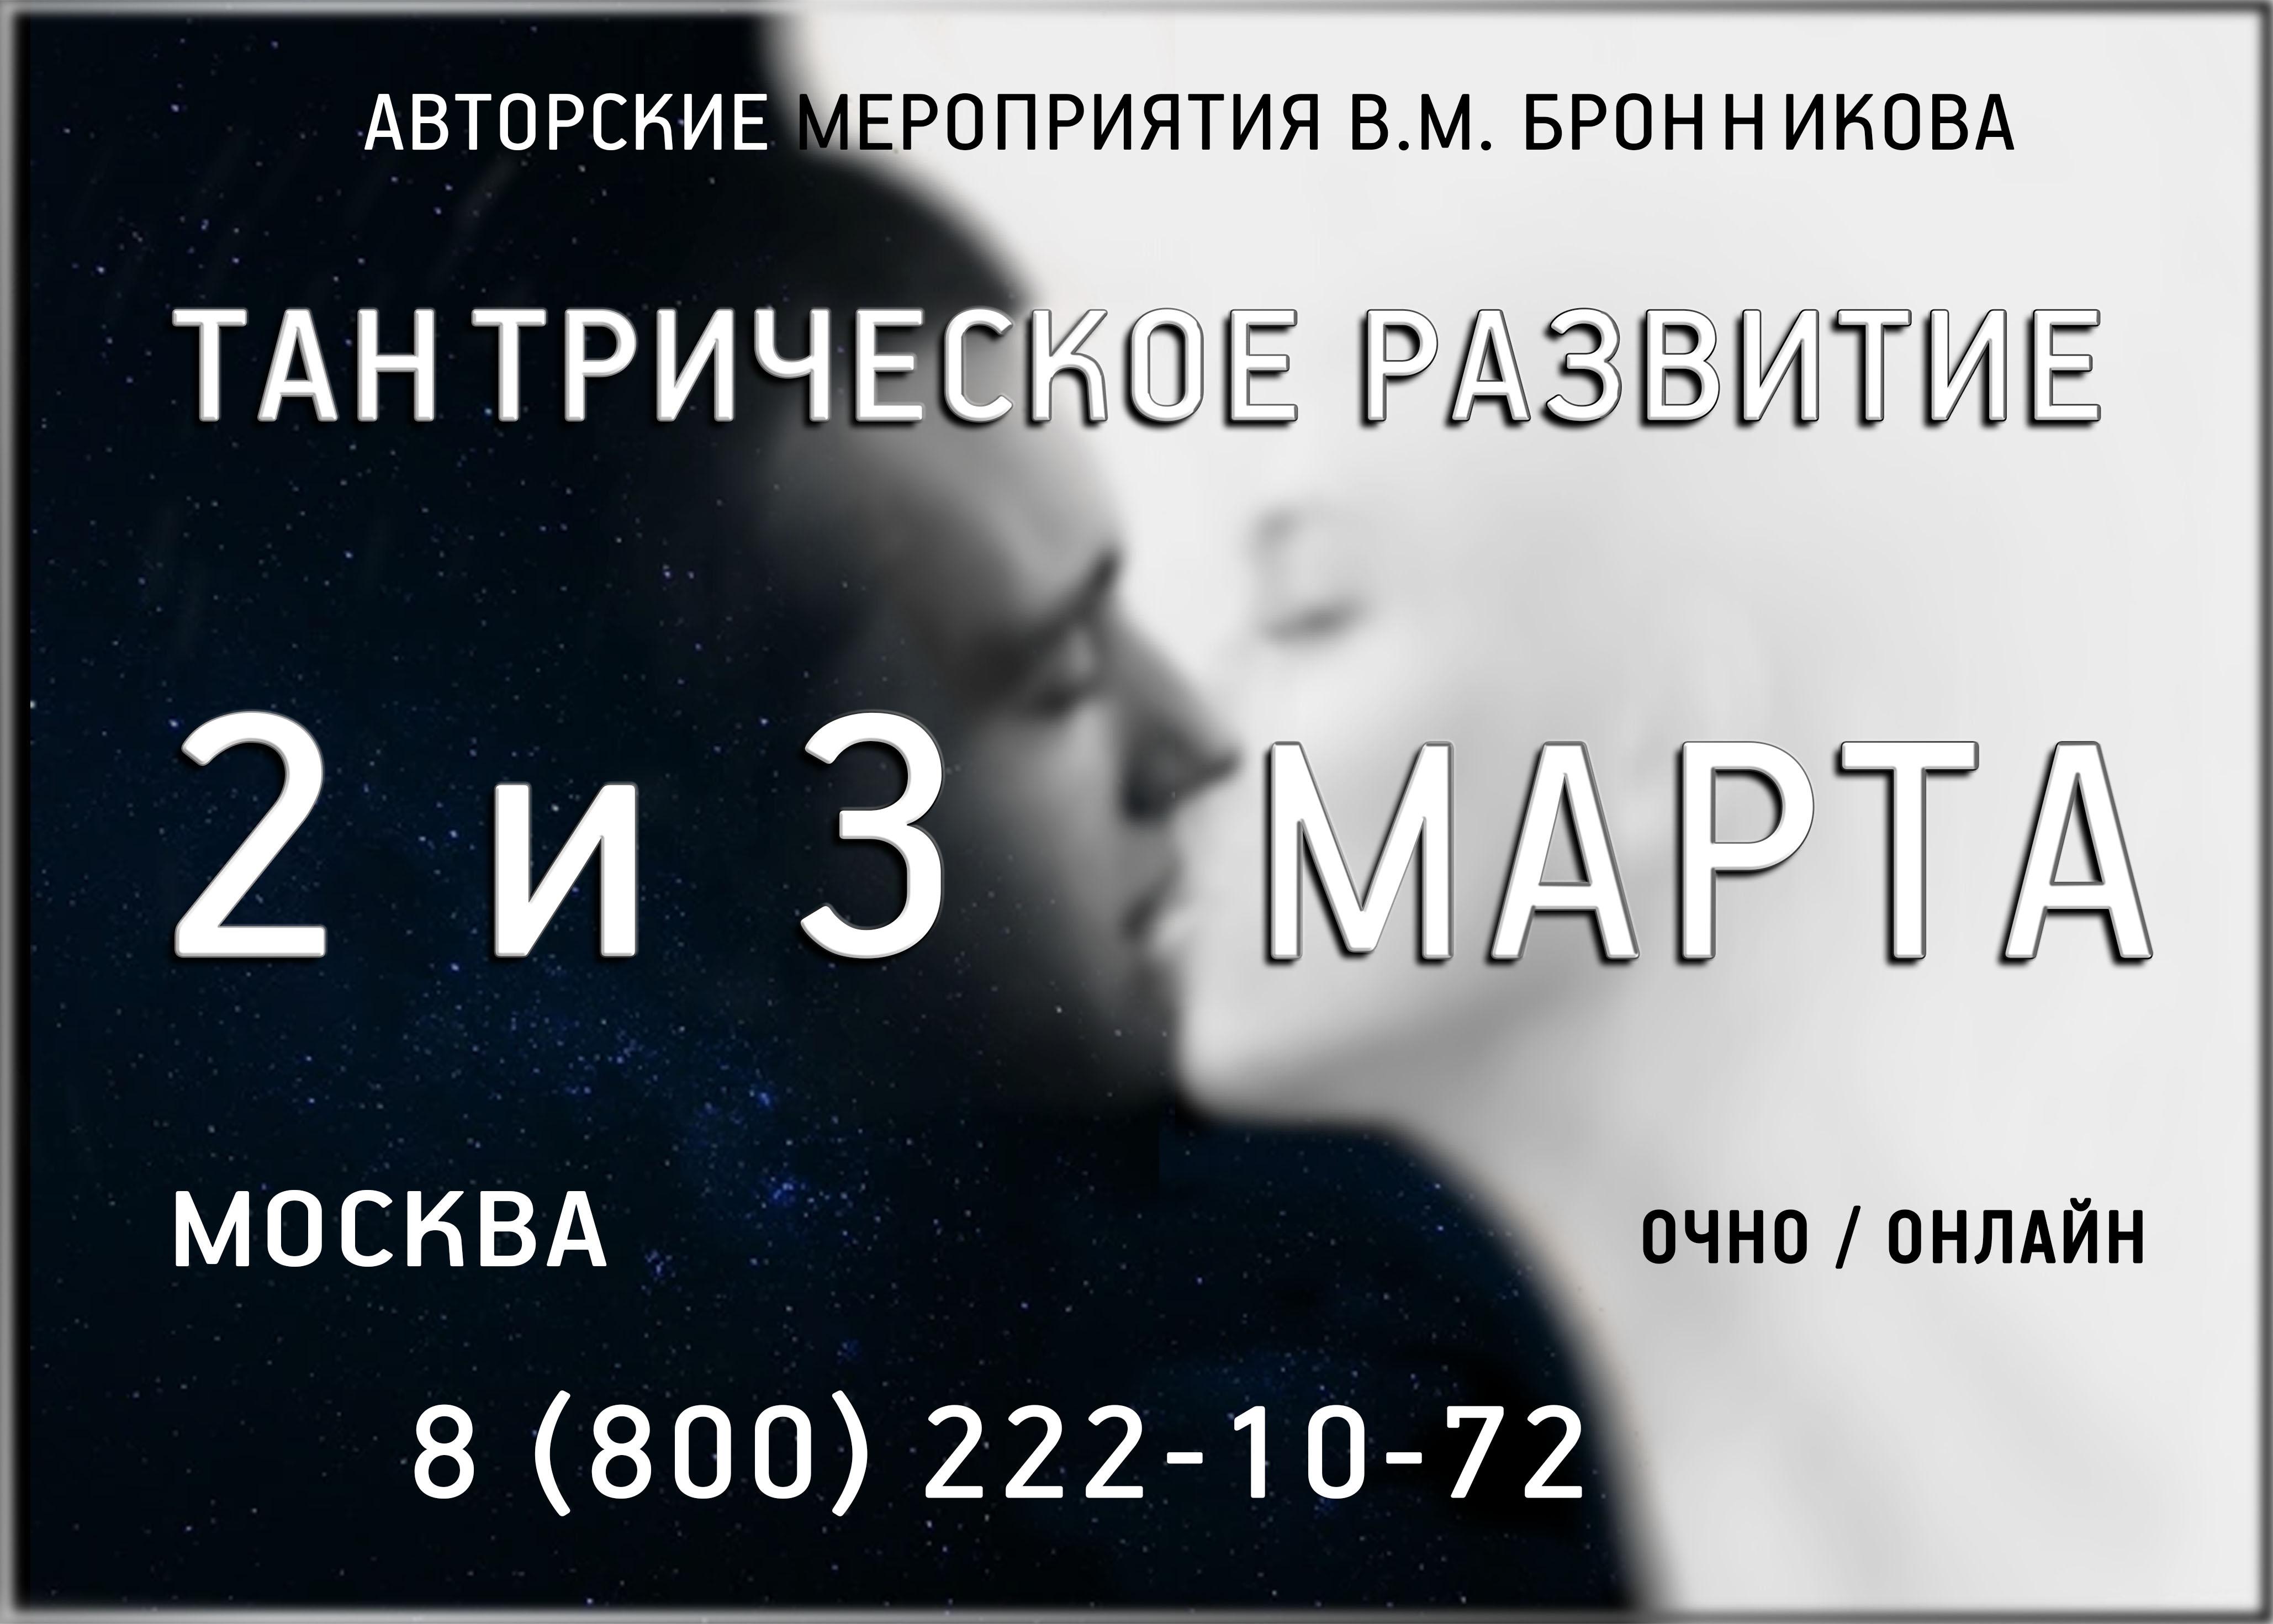 Авторские мероприятия 02 — 03 марта 2019 года «Космическая программа — Человек. Тантрическое развитие»